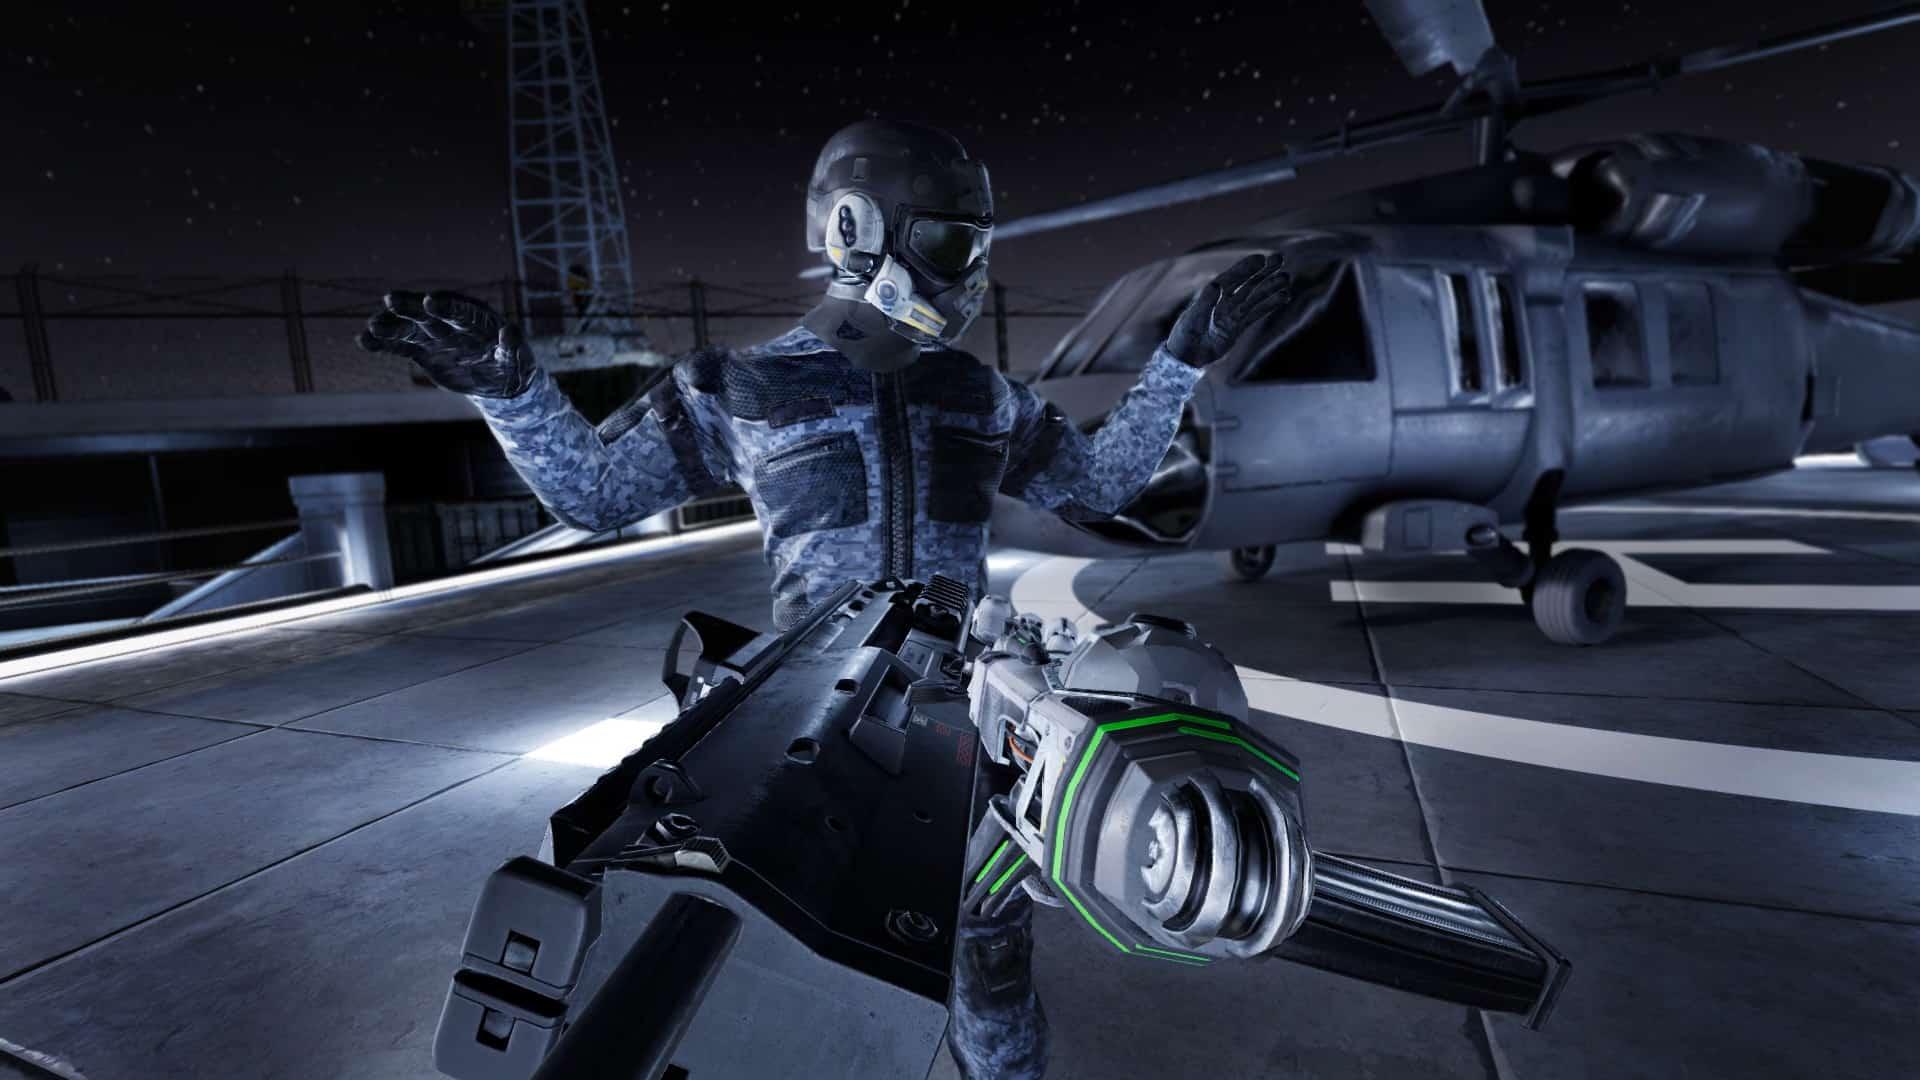 Vorschau: Espire 1 VR Operative, unsere gamescom Eindrücke